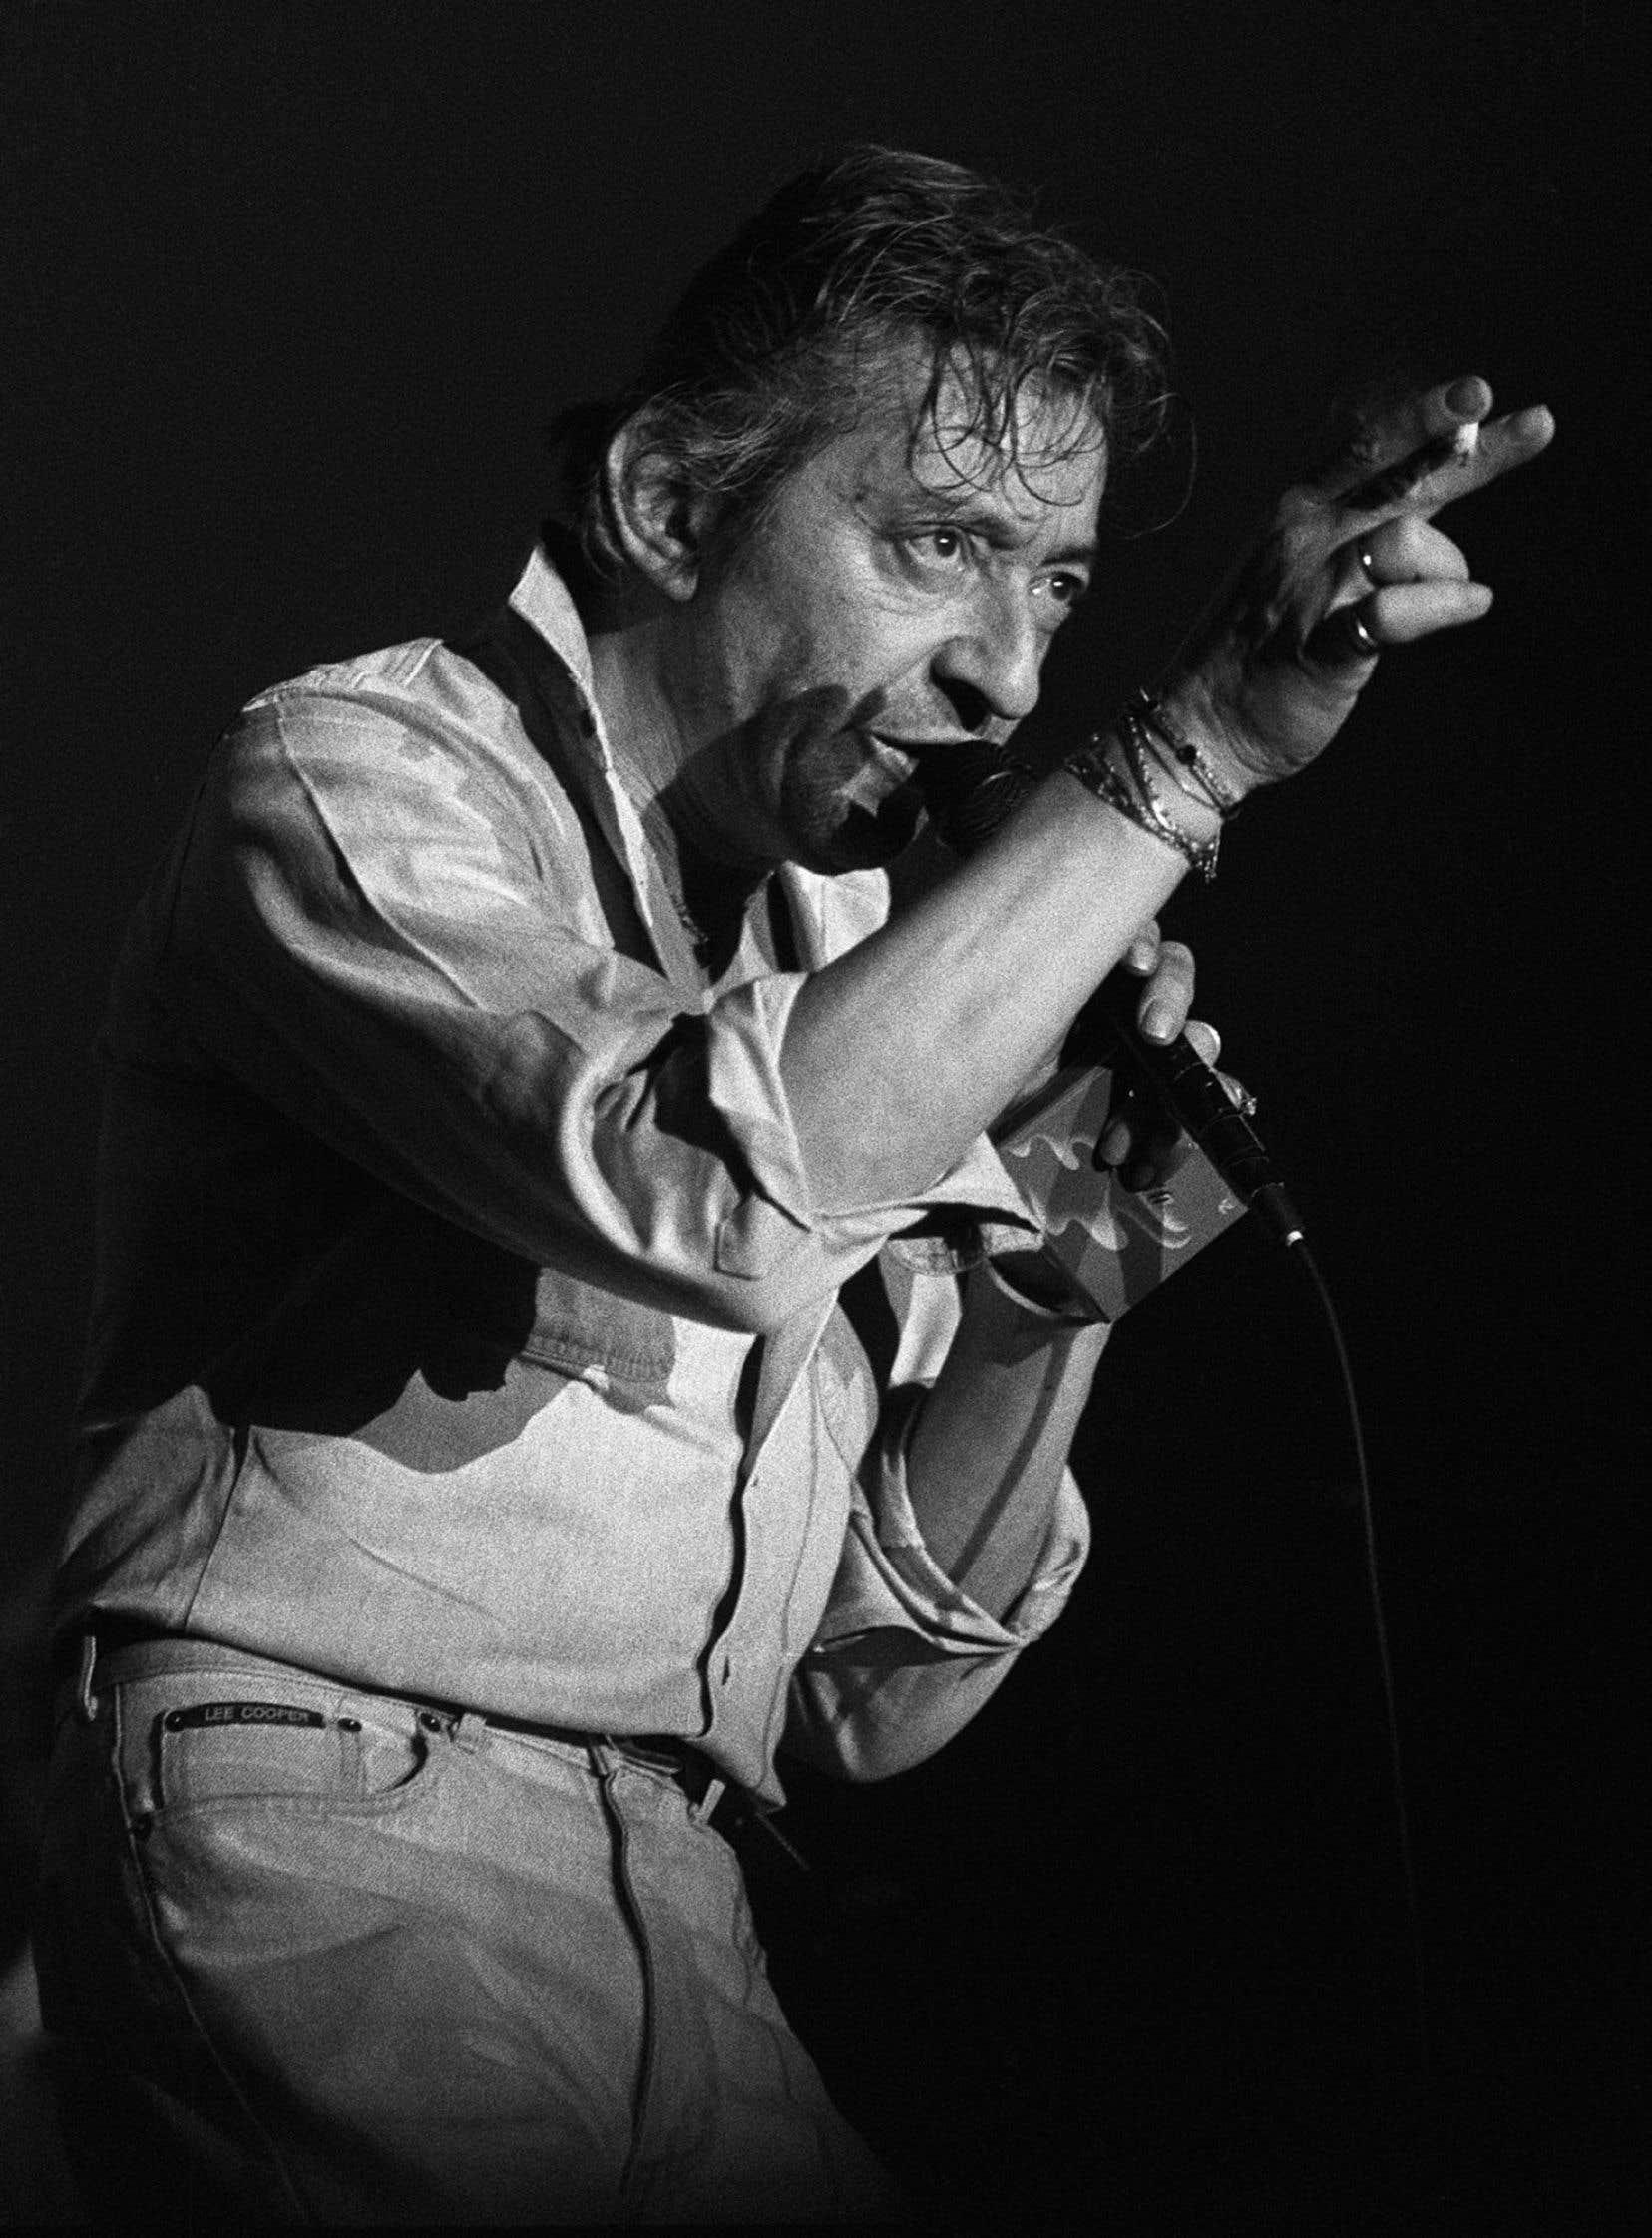 Serge Gainsbourg en concert lors du Printemps de Bourges, le 3 avril 1986